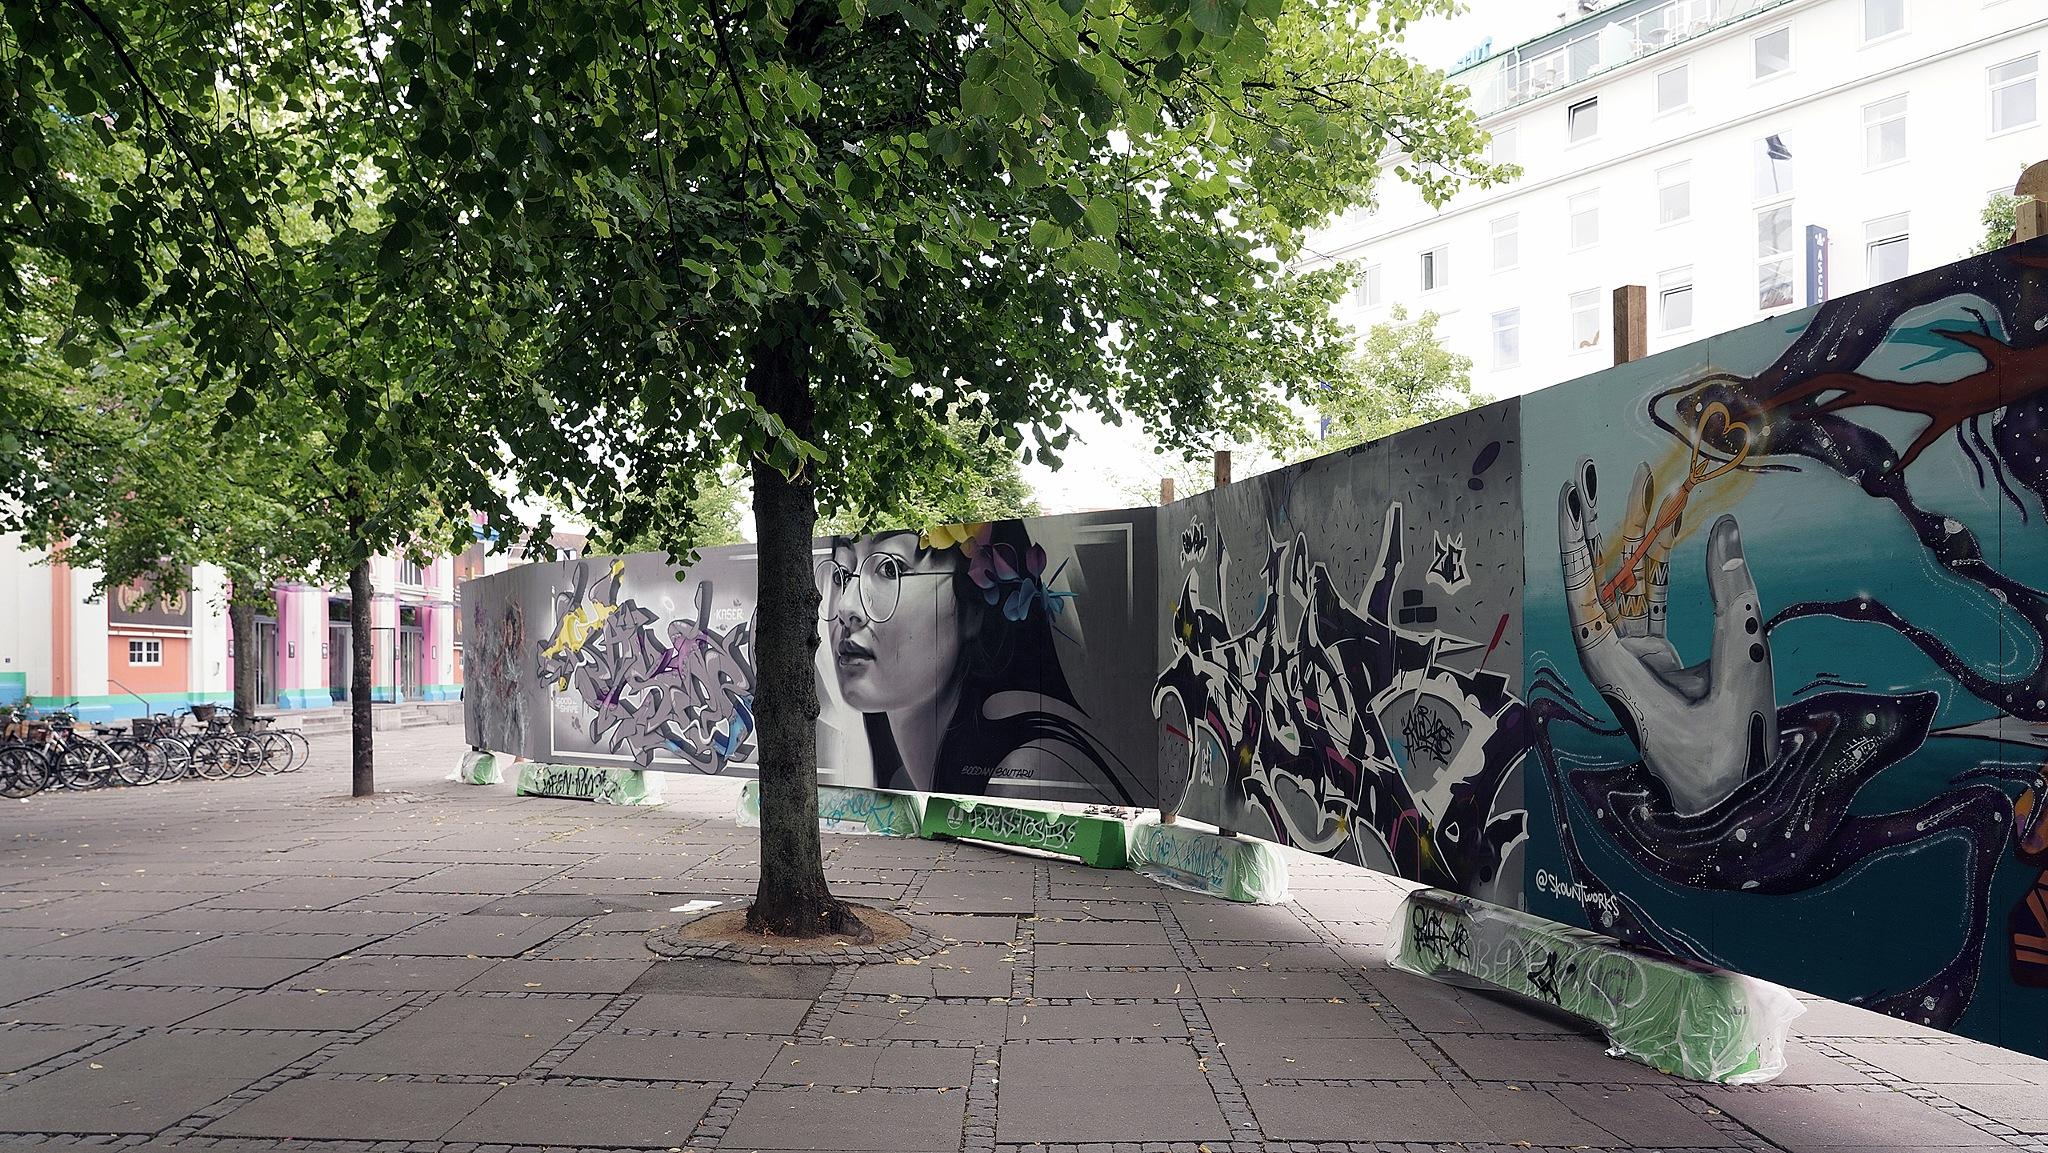 Street art, CPH by per f andersen